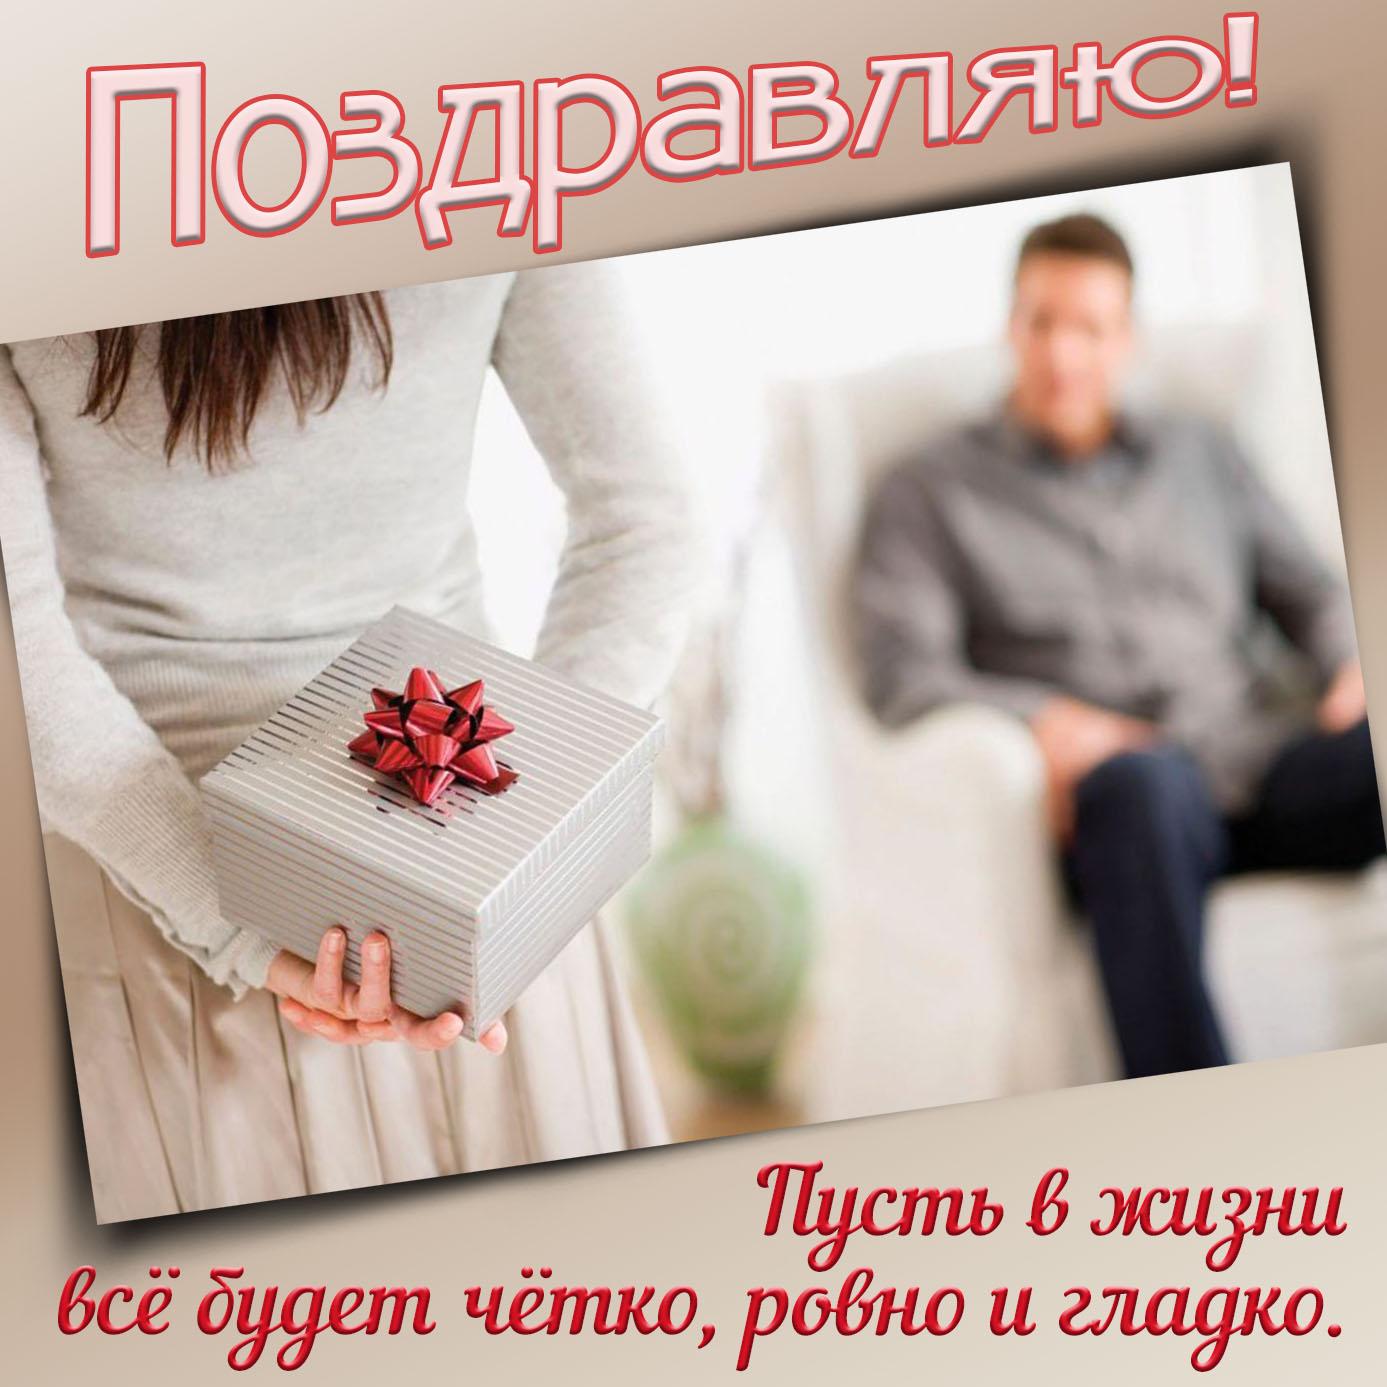 Женщина с подарком для мужчины на яркой картинке